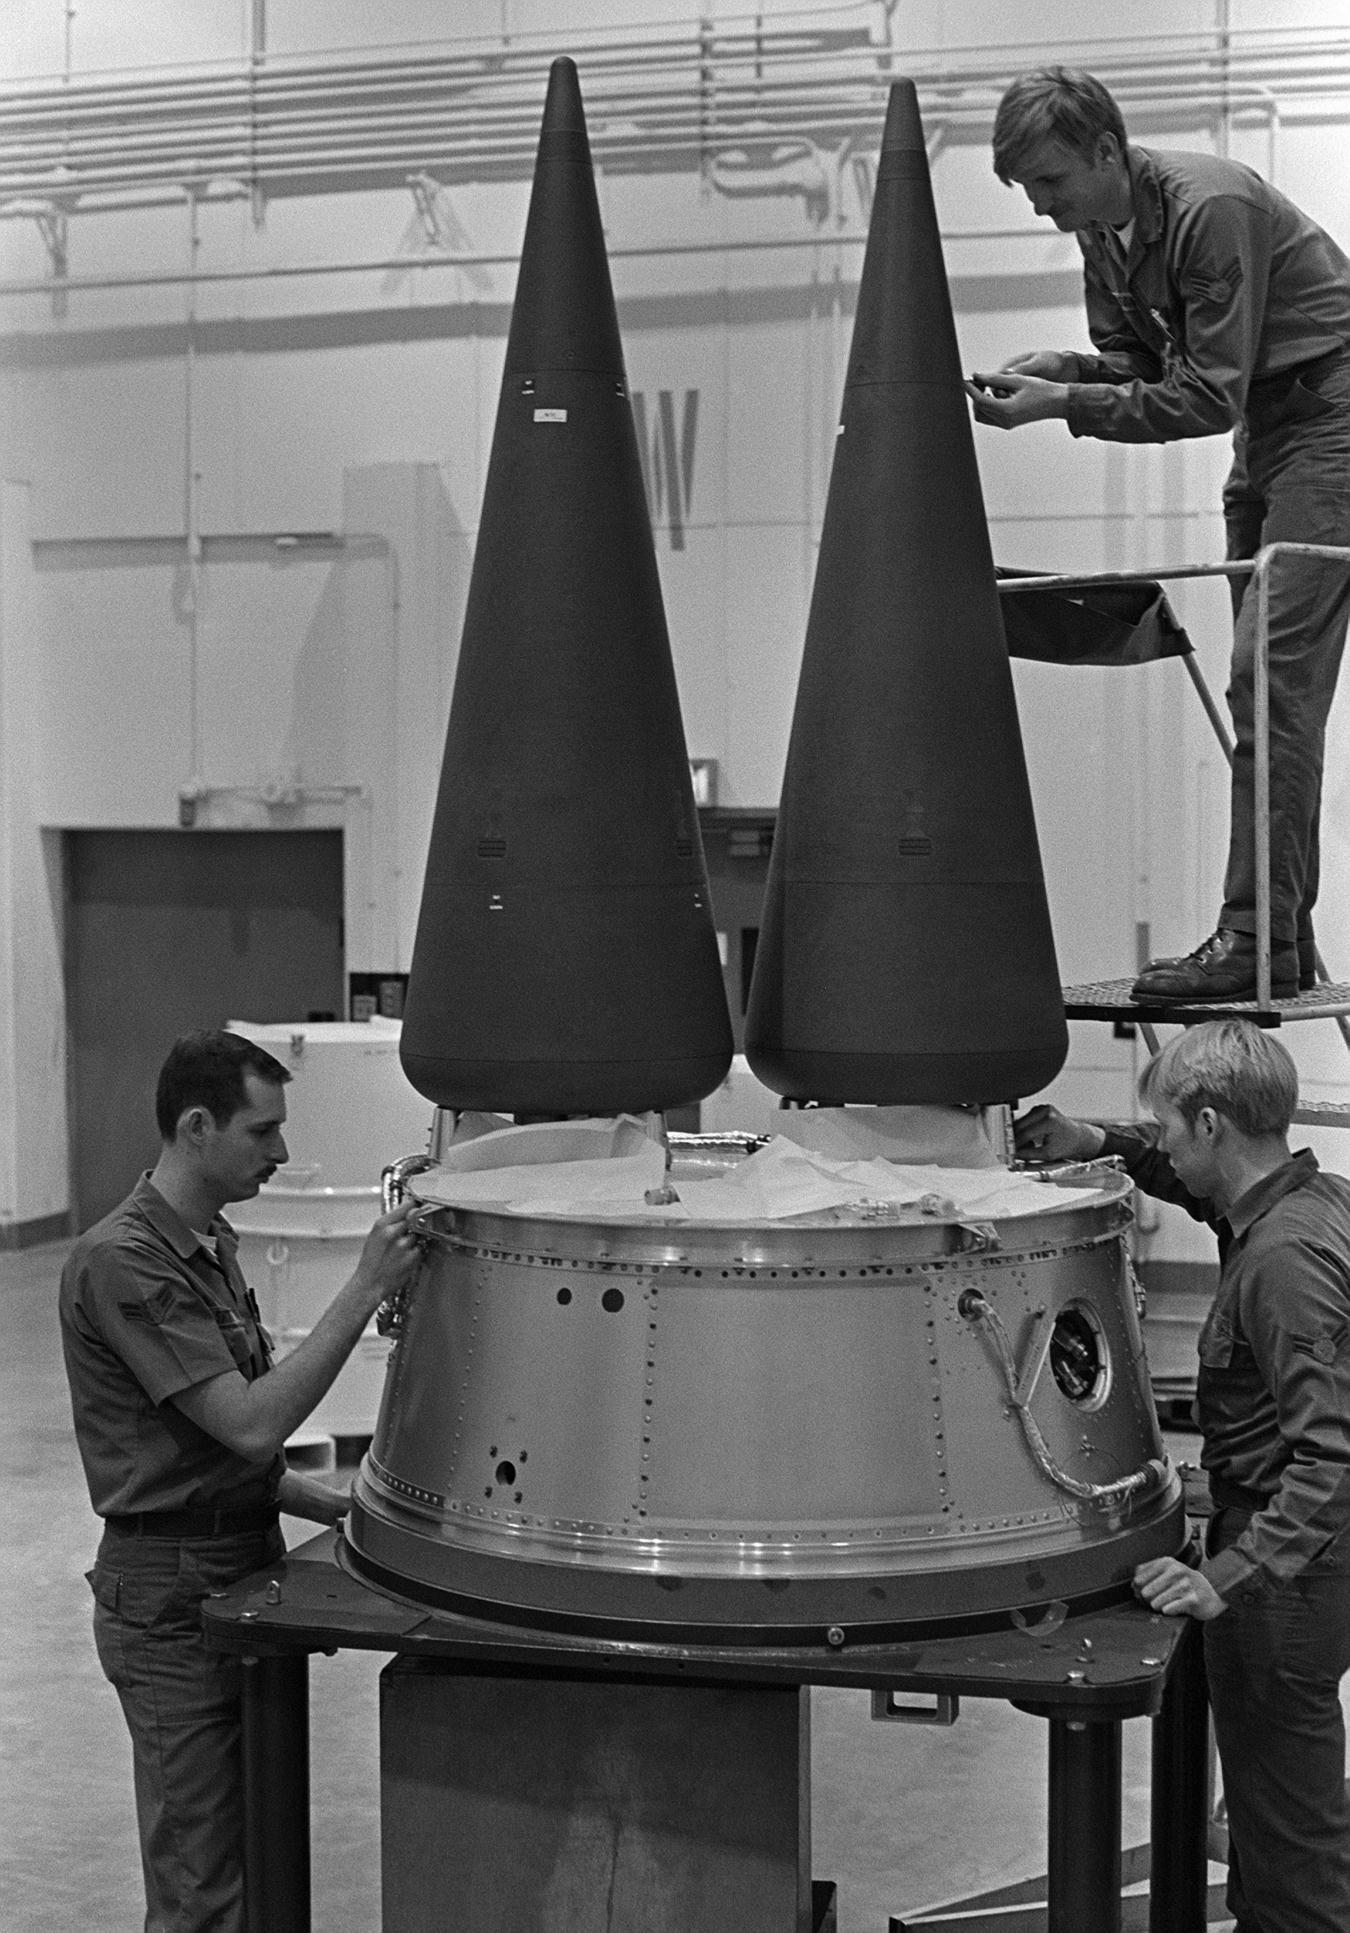 LGM-30G_Minuteman_III_MIRV